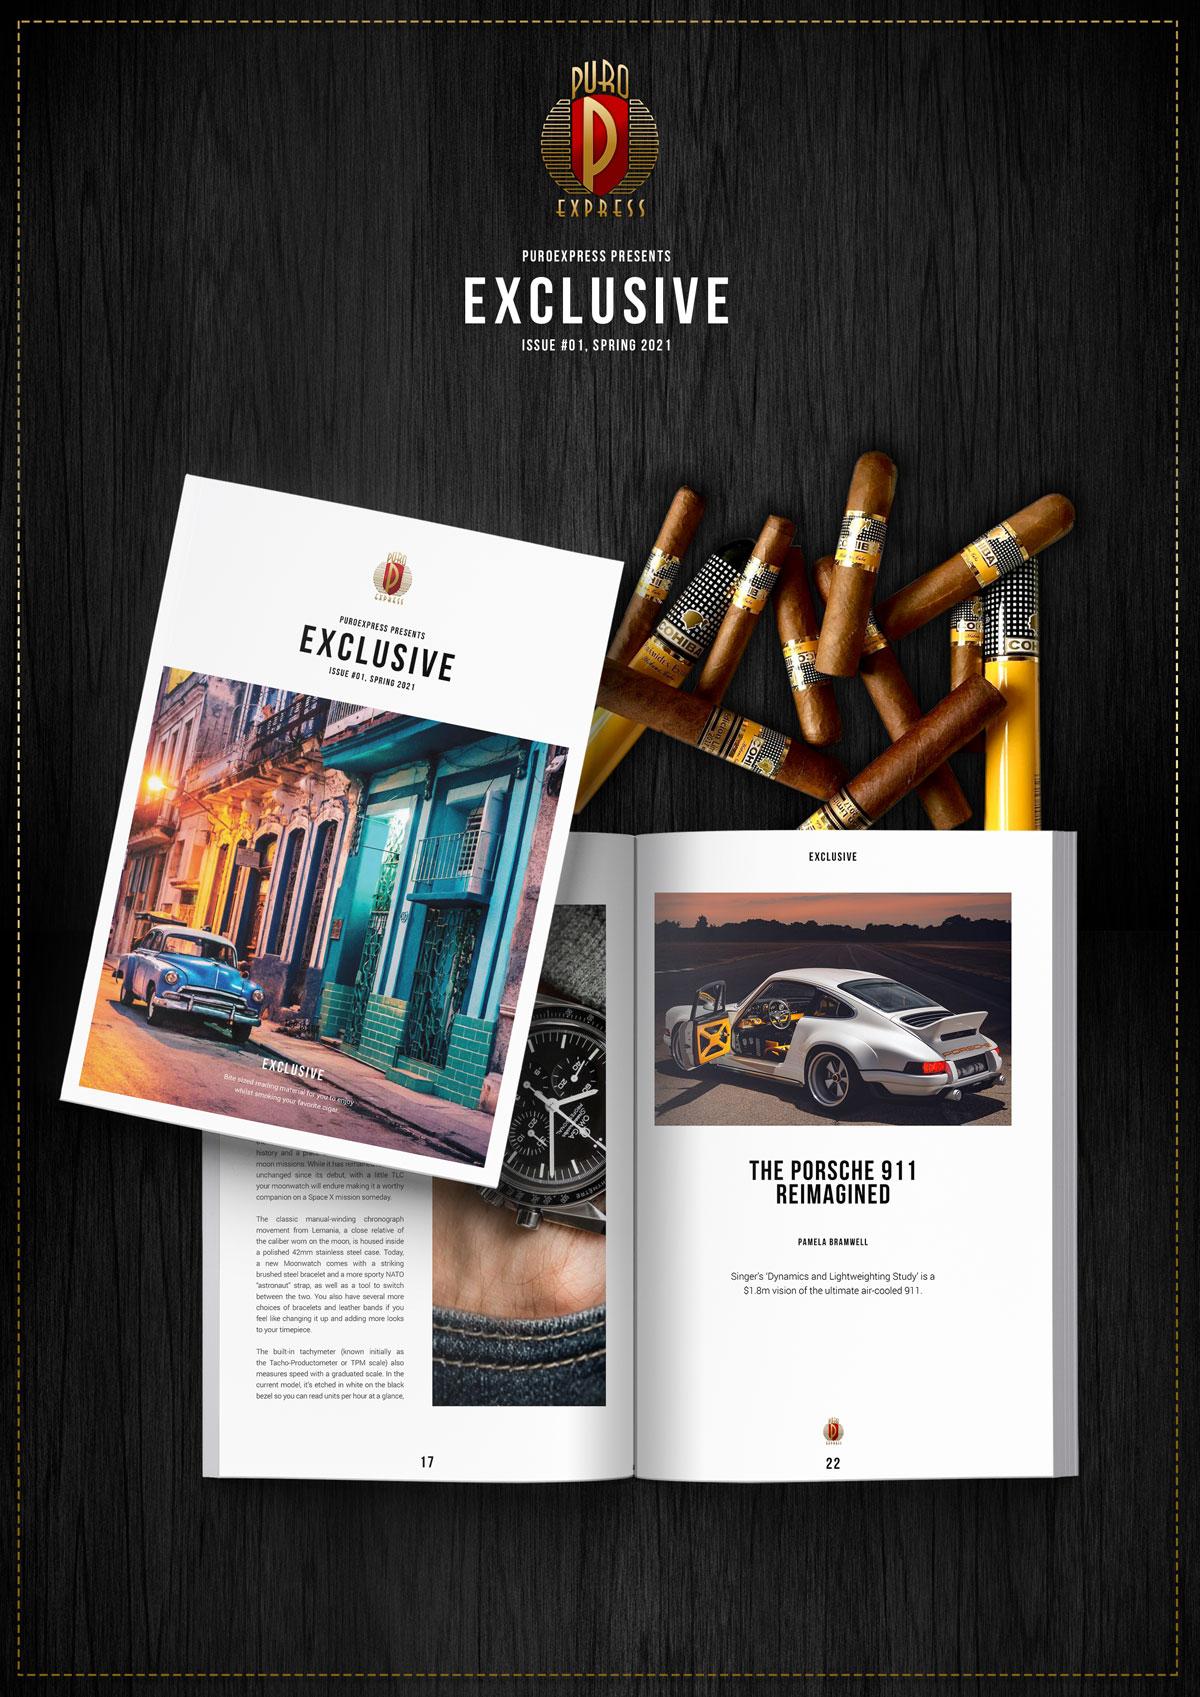 Puroexpress-Magazine-Exclusive